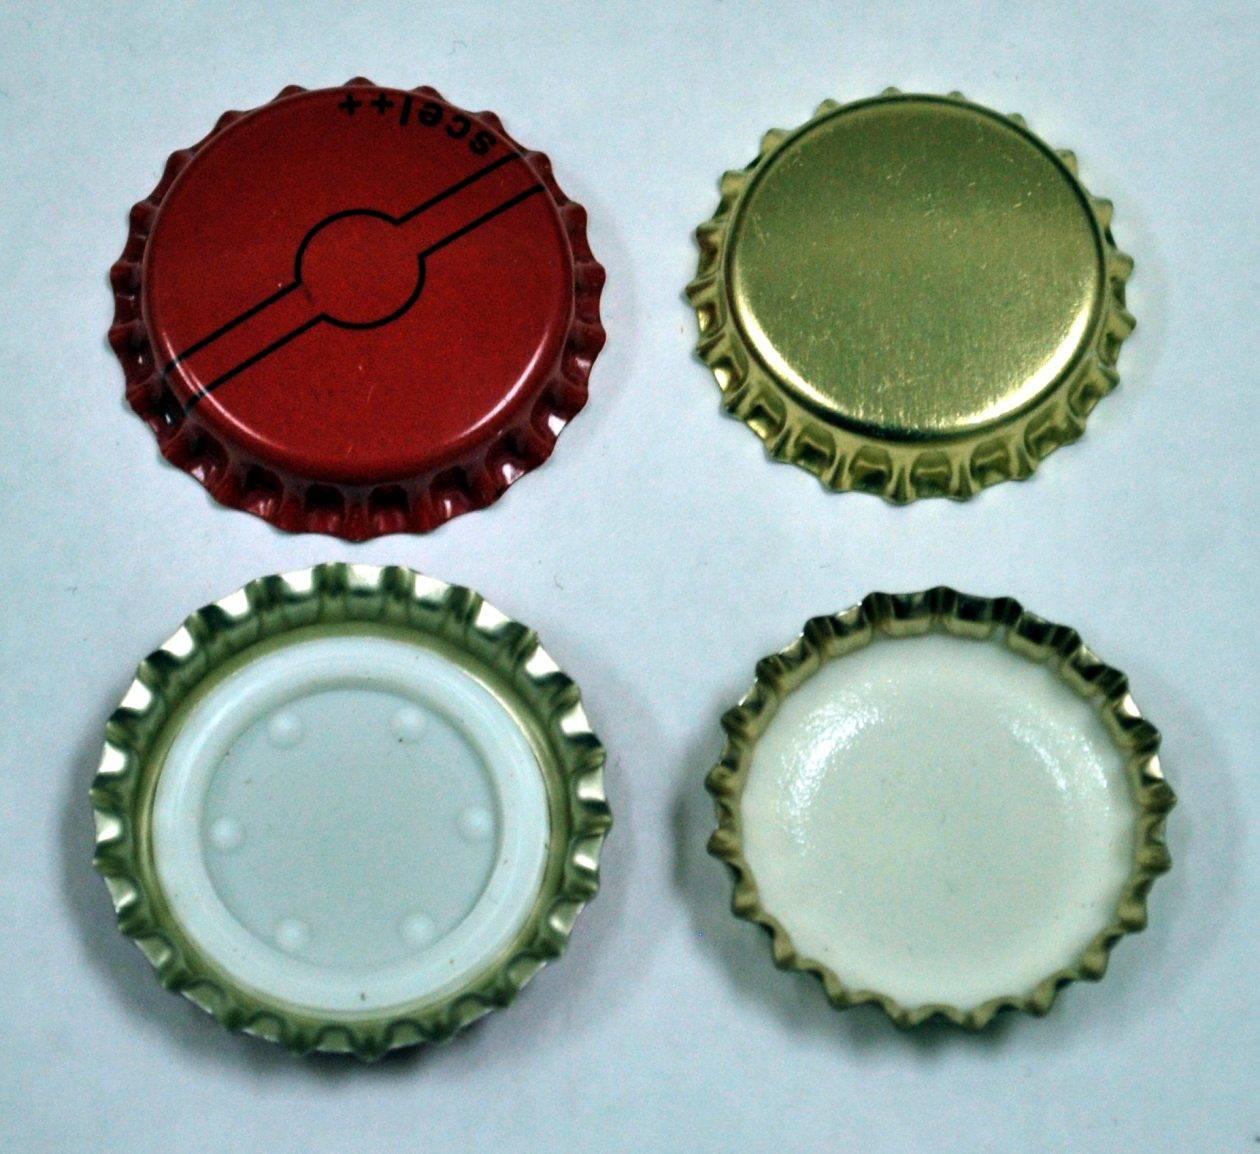 Проимер Кронен пробок обычного и увеличенного диаметра.